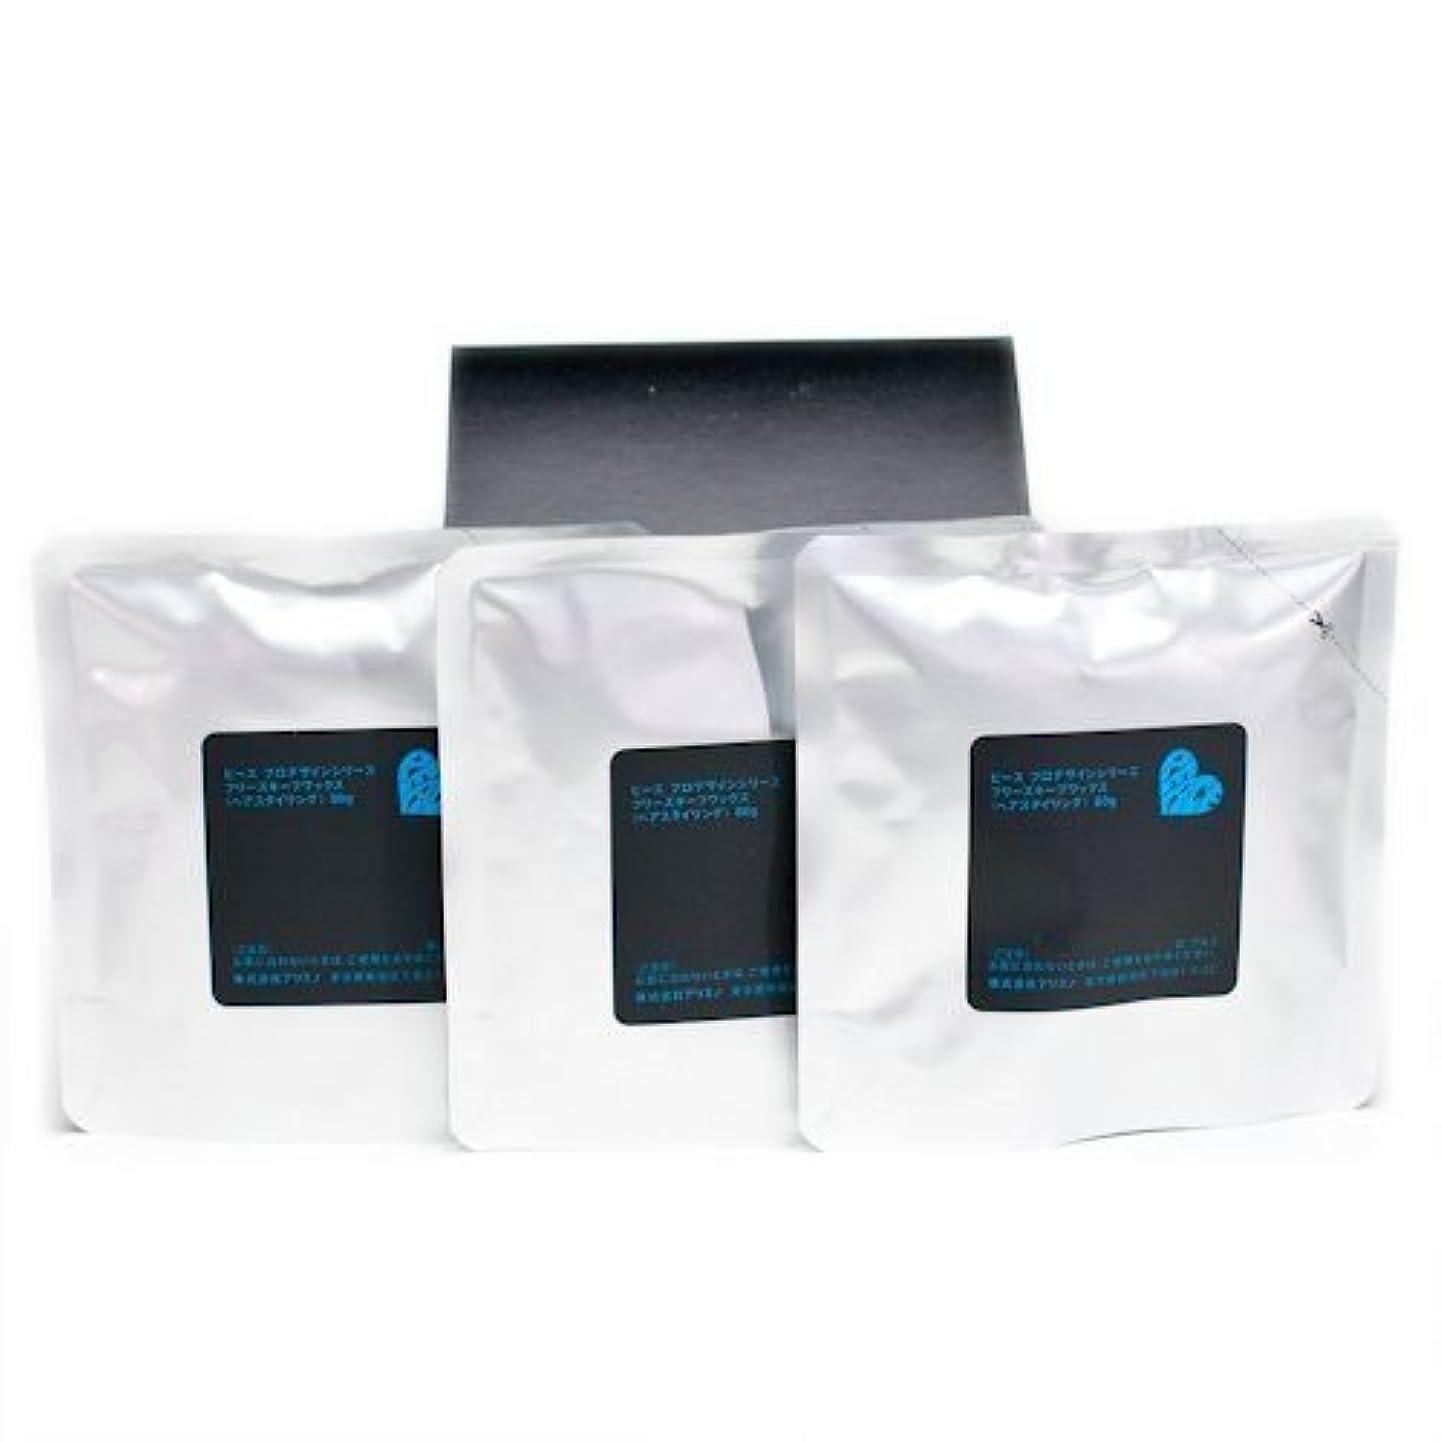 オーナメントレインコート出費アリミノ ピース プロデザイン フリーズキープワックス80g×3個 ×2個 セット 詰め替え用 arimino PEACE